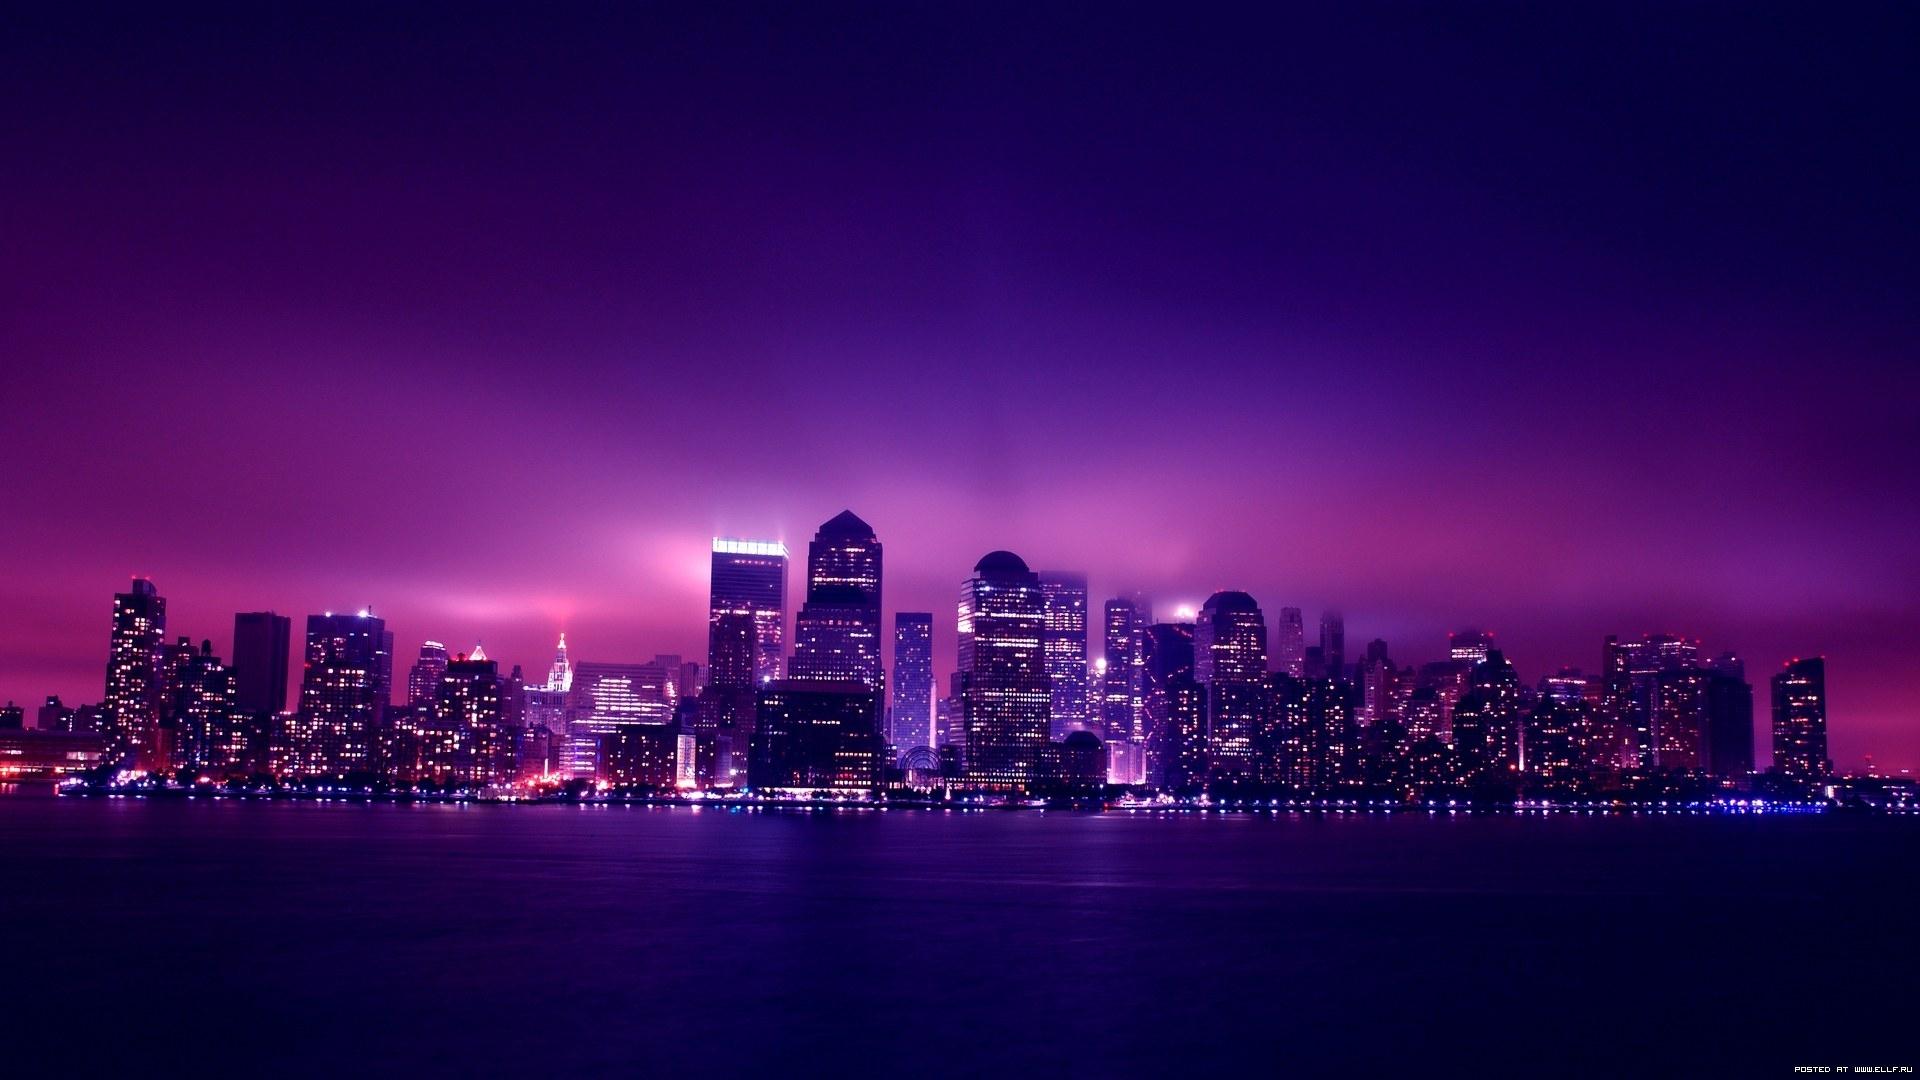 26421 скачать обои Пейзаж, Города, Ночь - заставки и картинки бесплатно